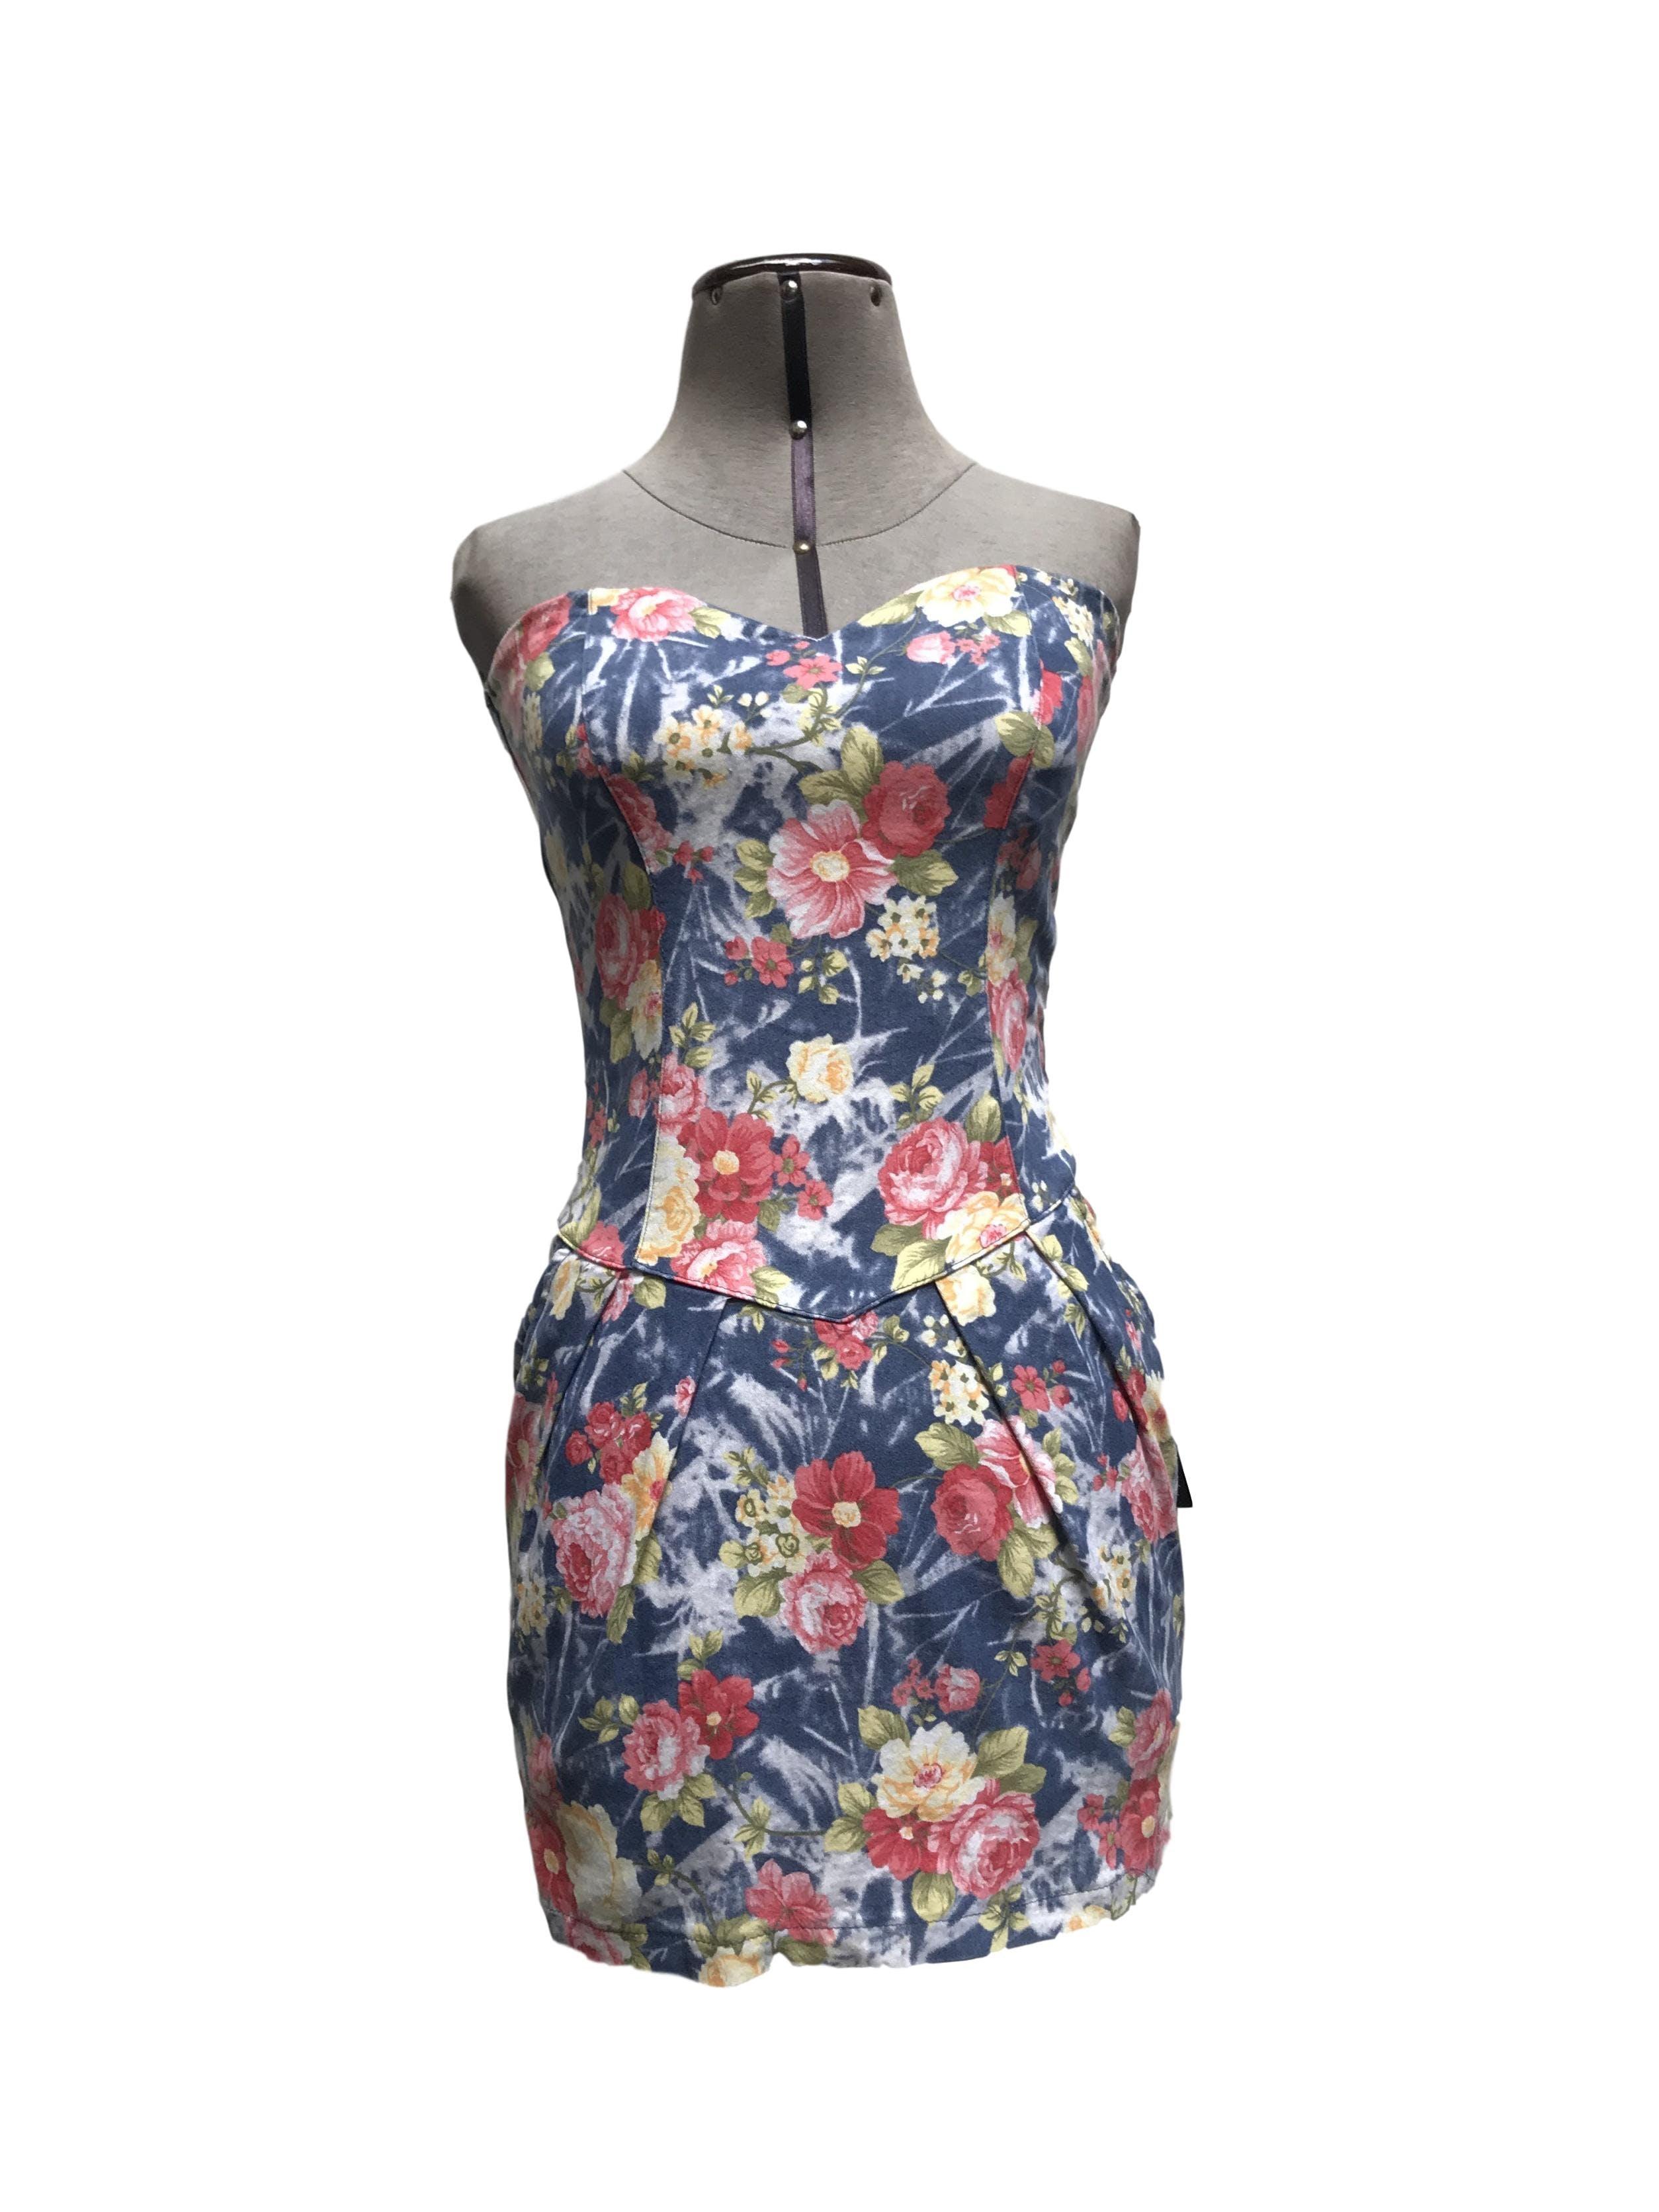 Vestido strapless azul con flores rojas y amarillas, tiene bolsillos delanteros, encaje en la espalda y cierre lateral. Super cómodo para salir!  Talla S